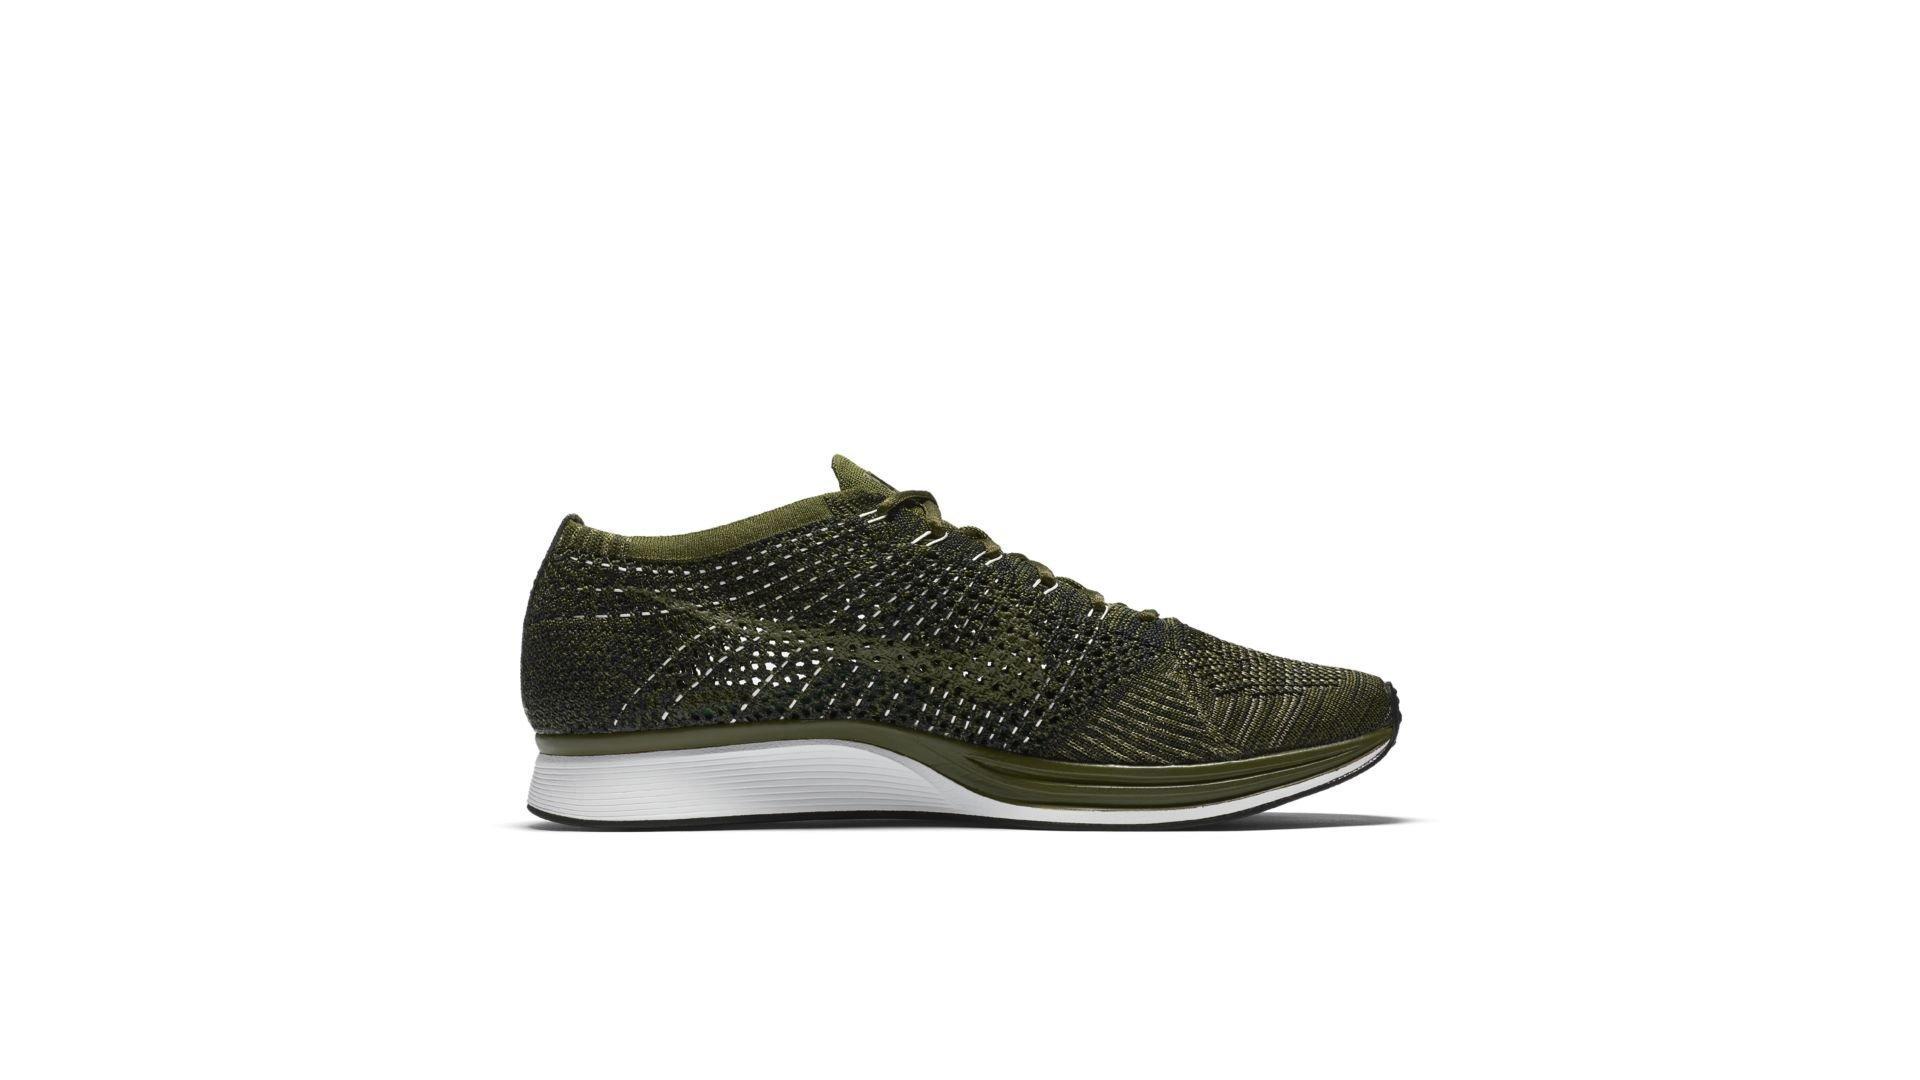 Nike Flyknit Racer Rough Green (862713-300)